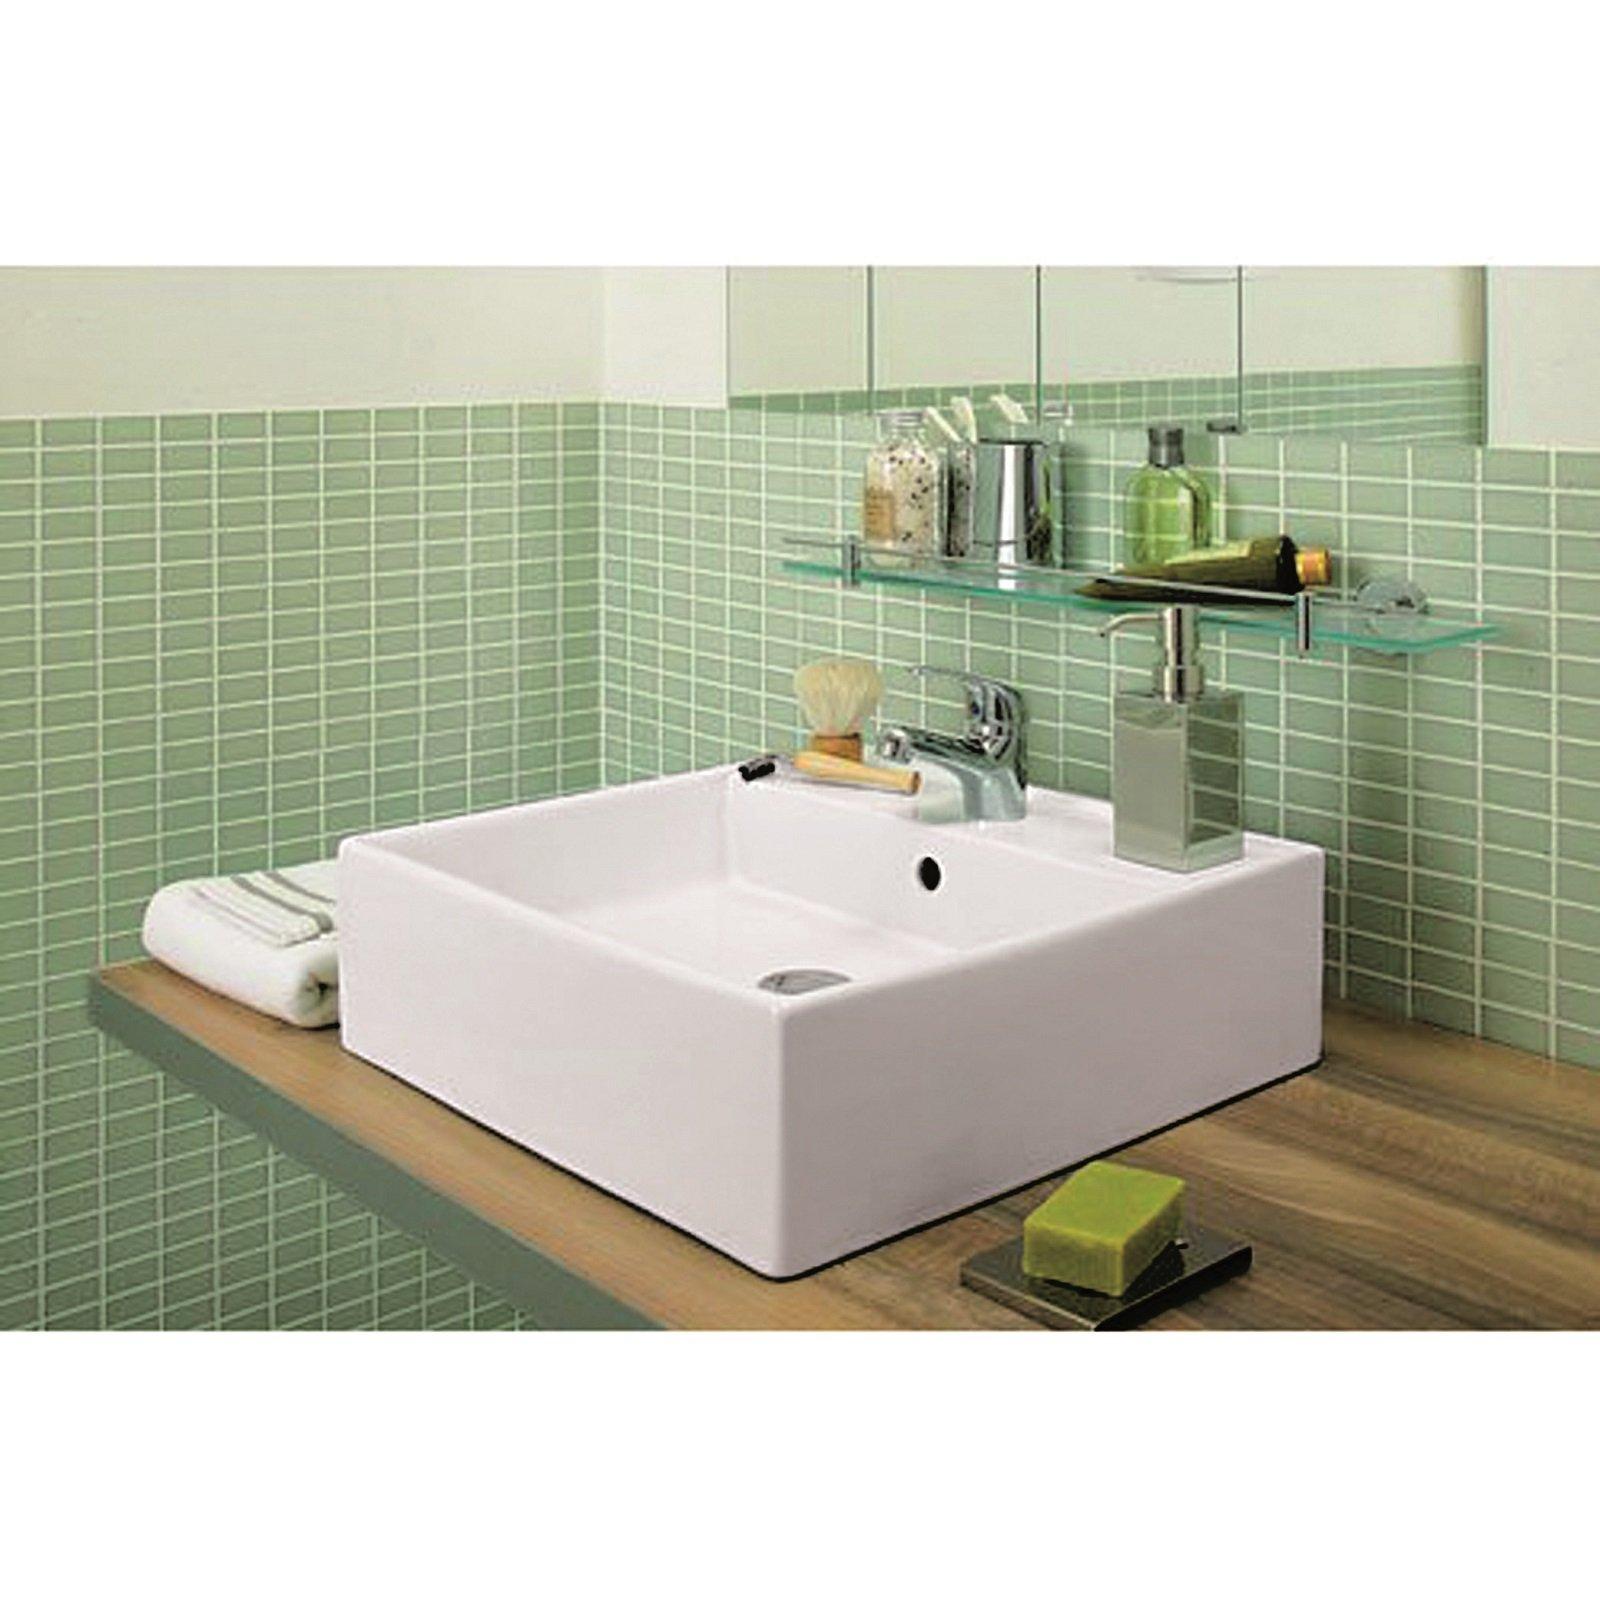 La classica ceramica si sceglie anche per i moderni lavabi for Lavabo da appoggio ikea